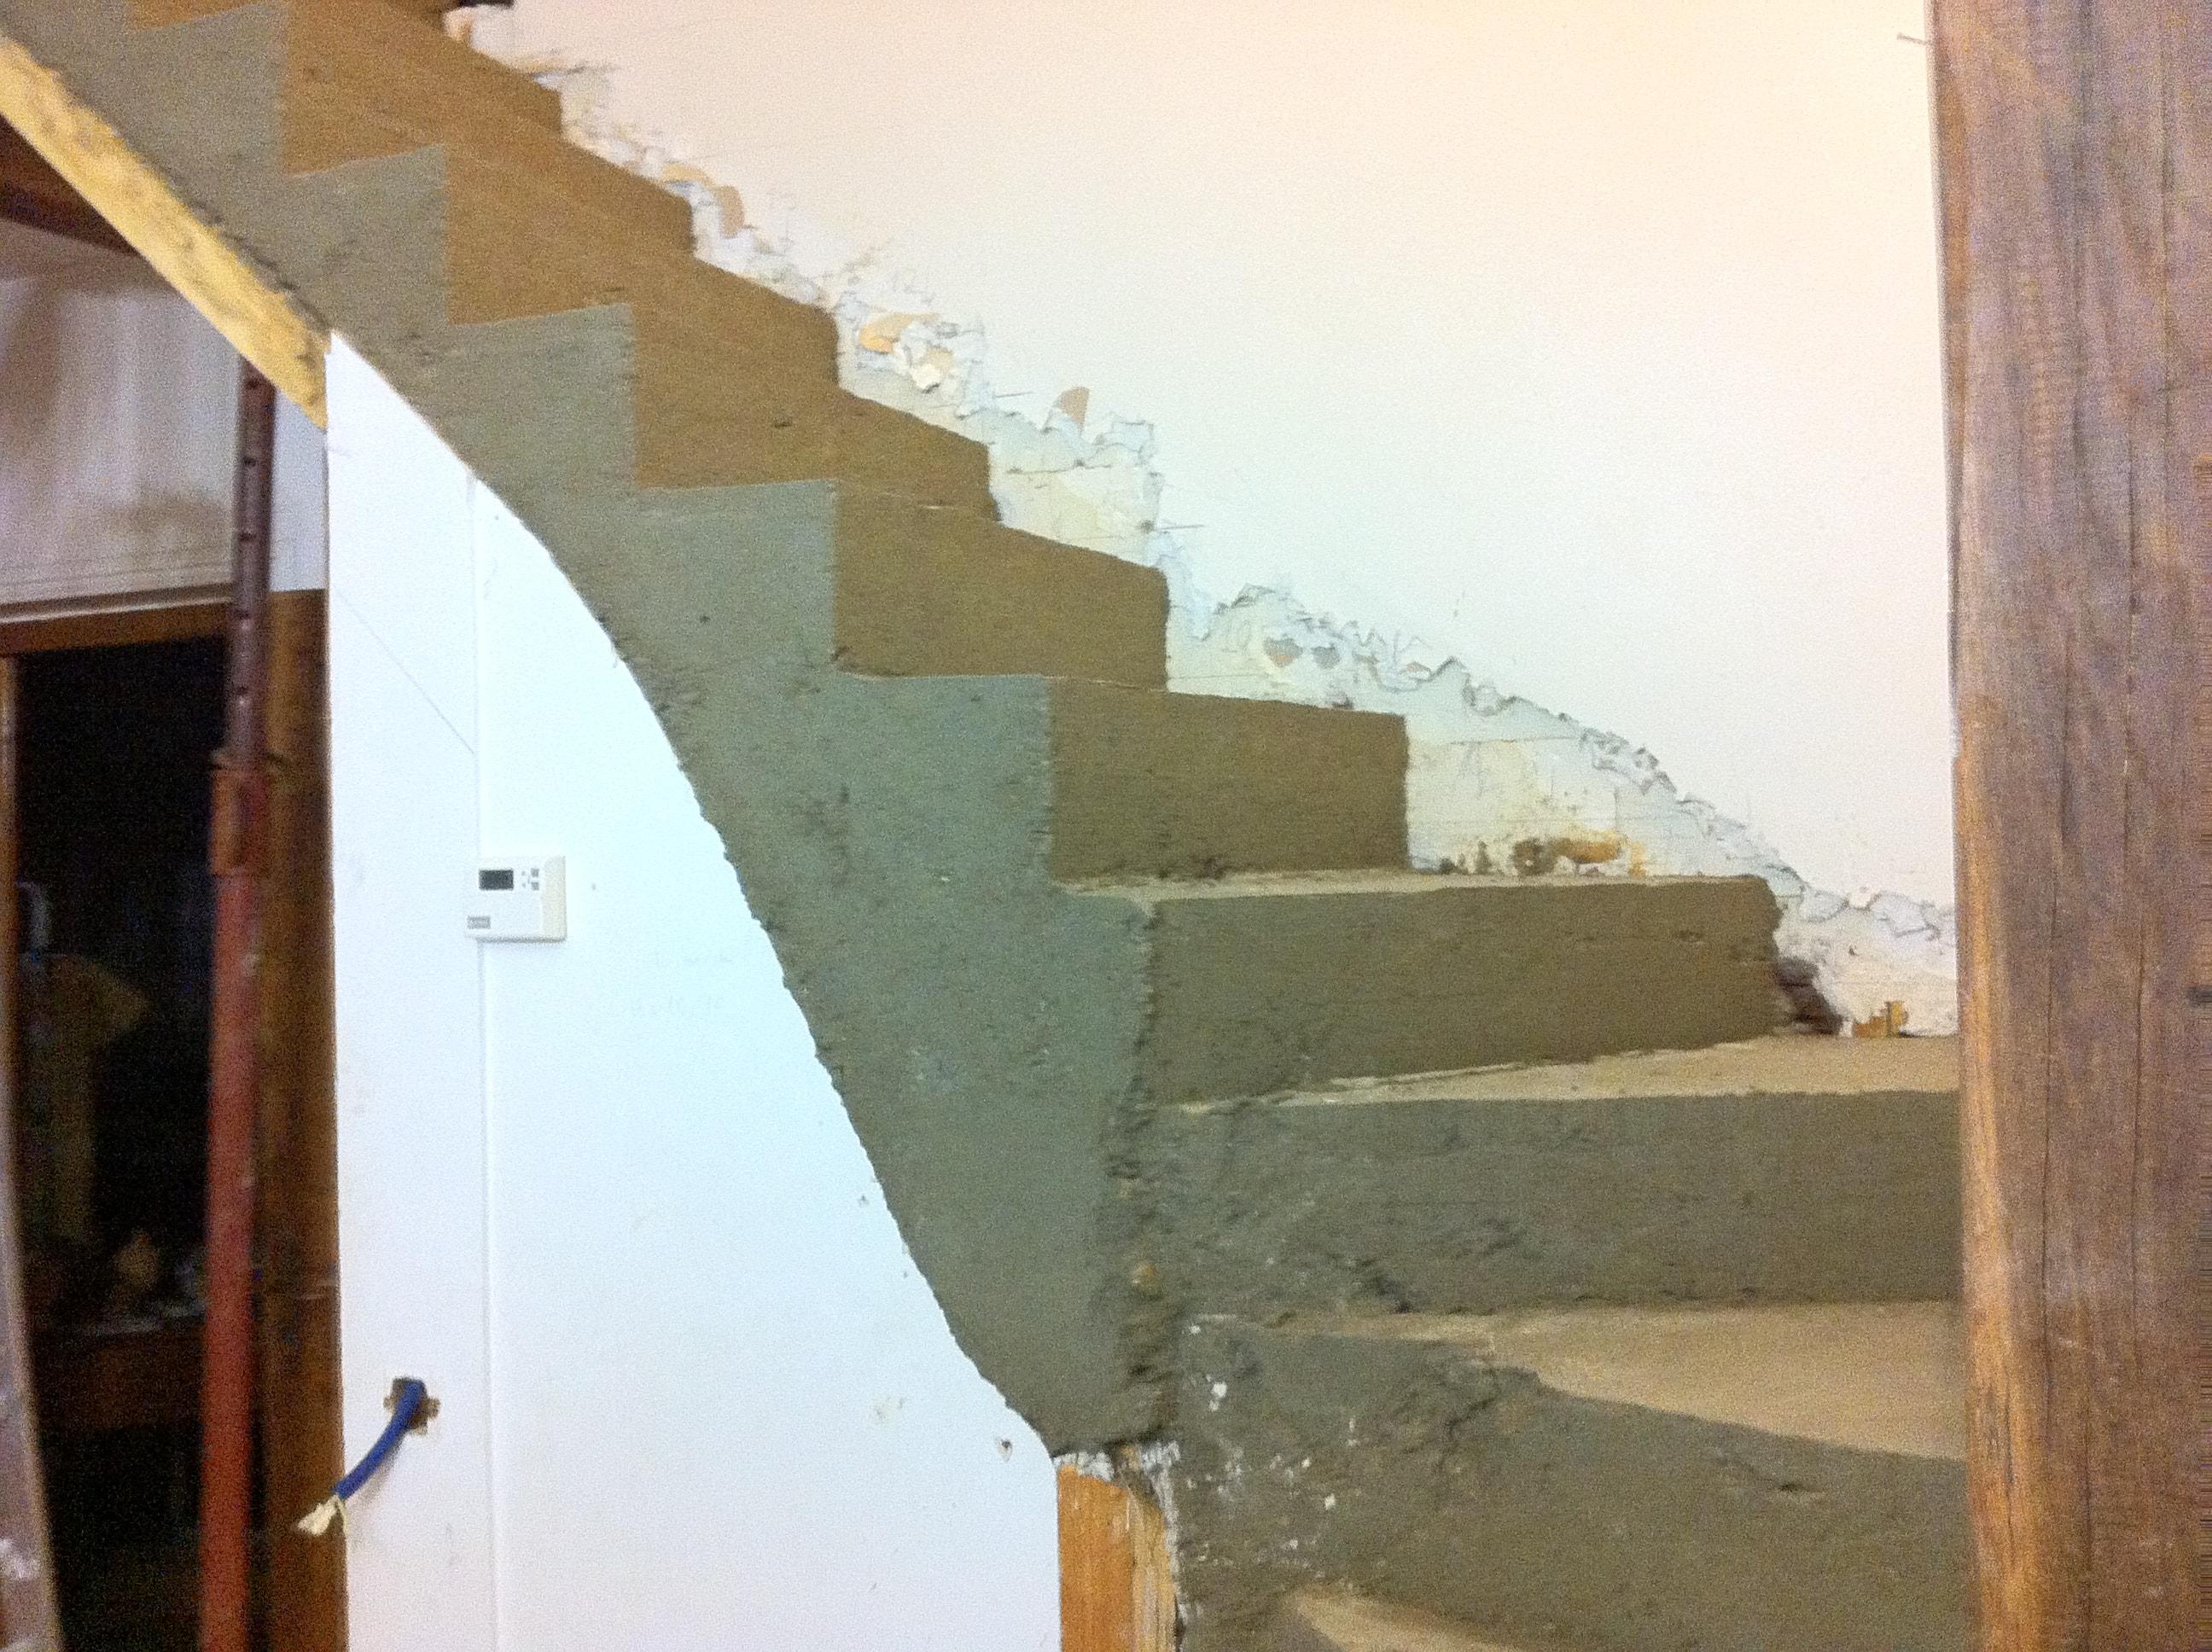 escalier-bois-10-travaux-creation-pendant-decoffrer-béton-texas-batiment-min